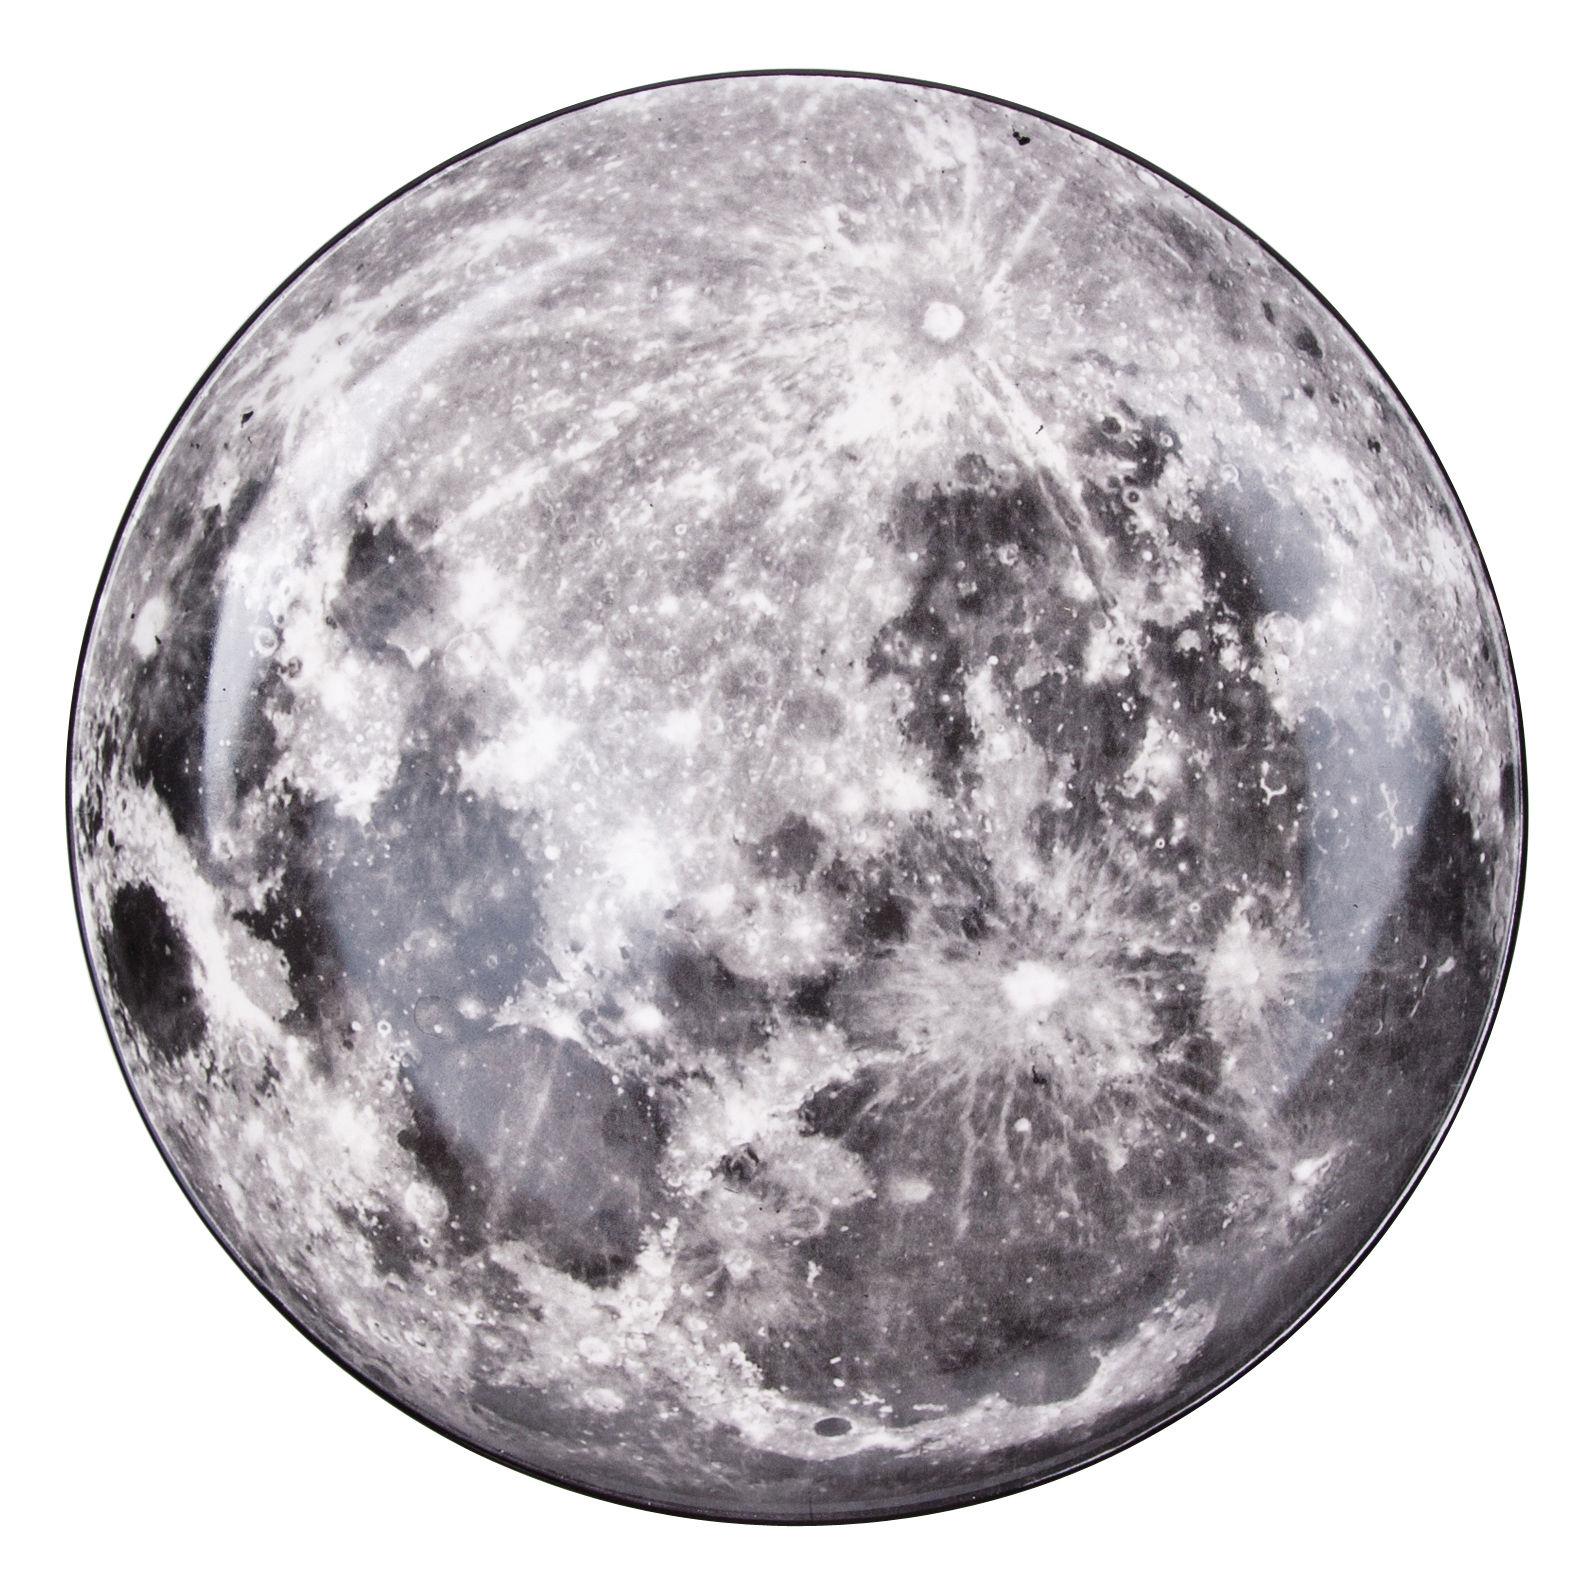 Tischkultur - Teller - Cosmic Diner Servierplatte Mond / Ø 30 cm - Diesel living with Seletti - Mond - Porzellan